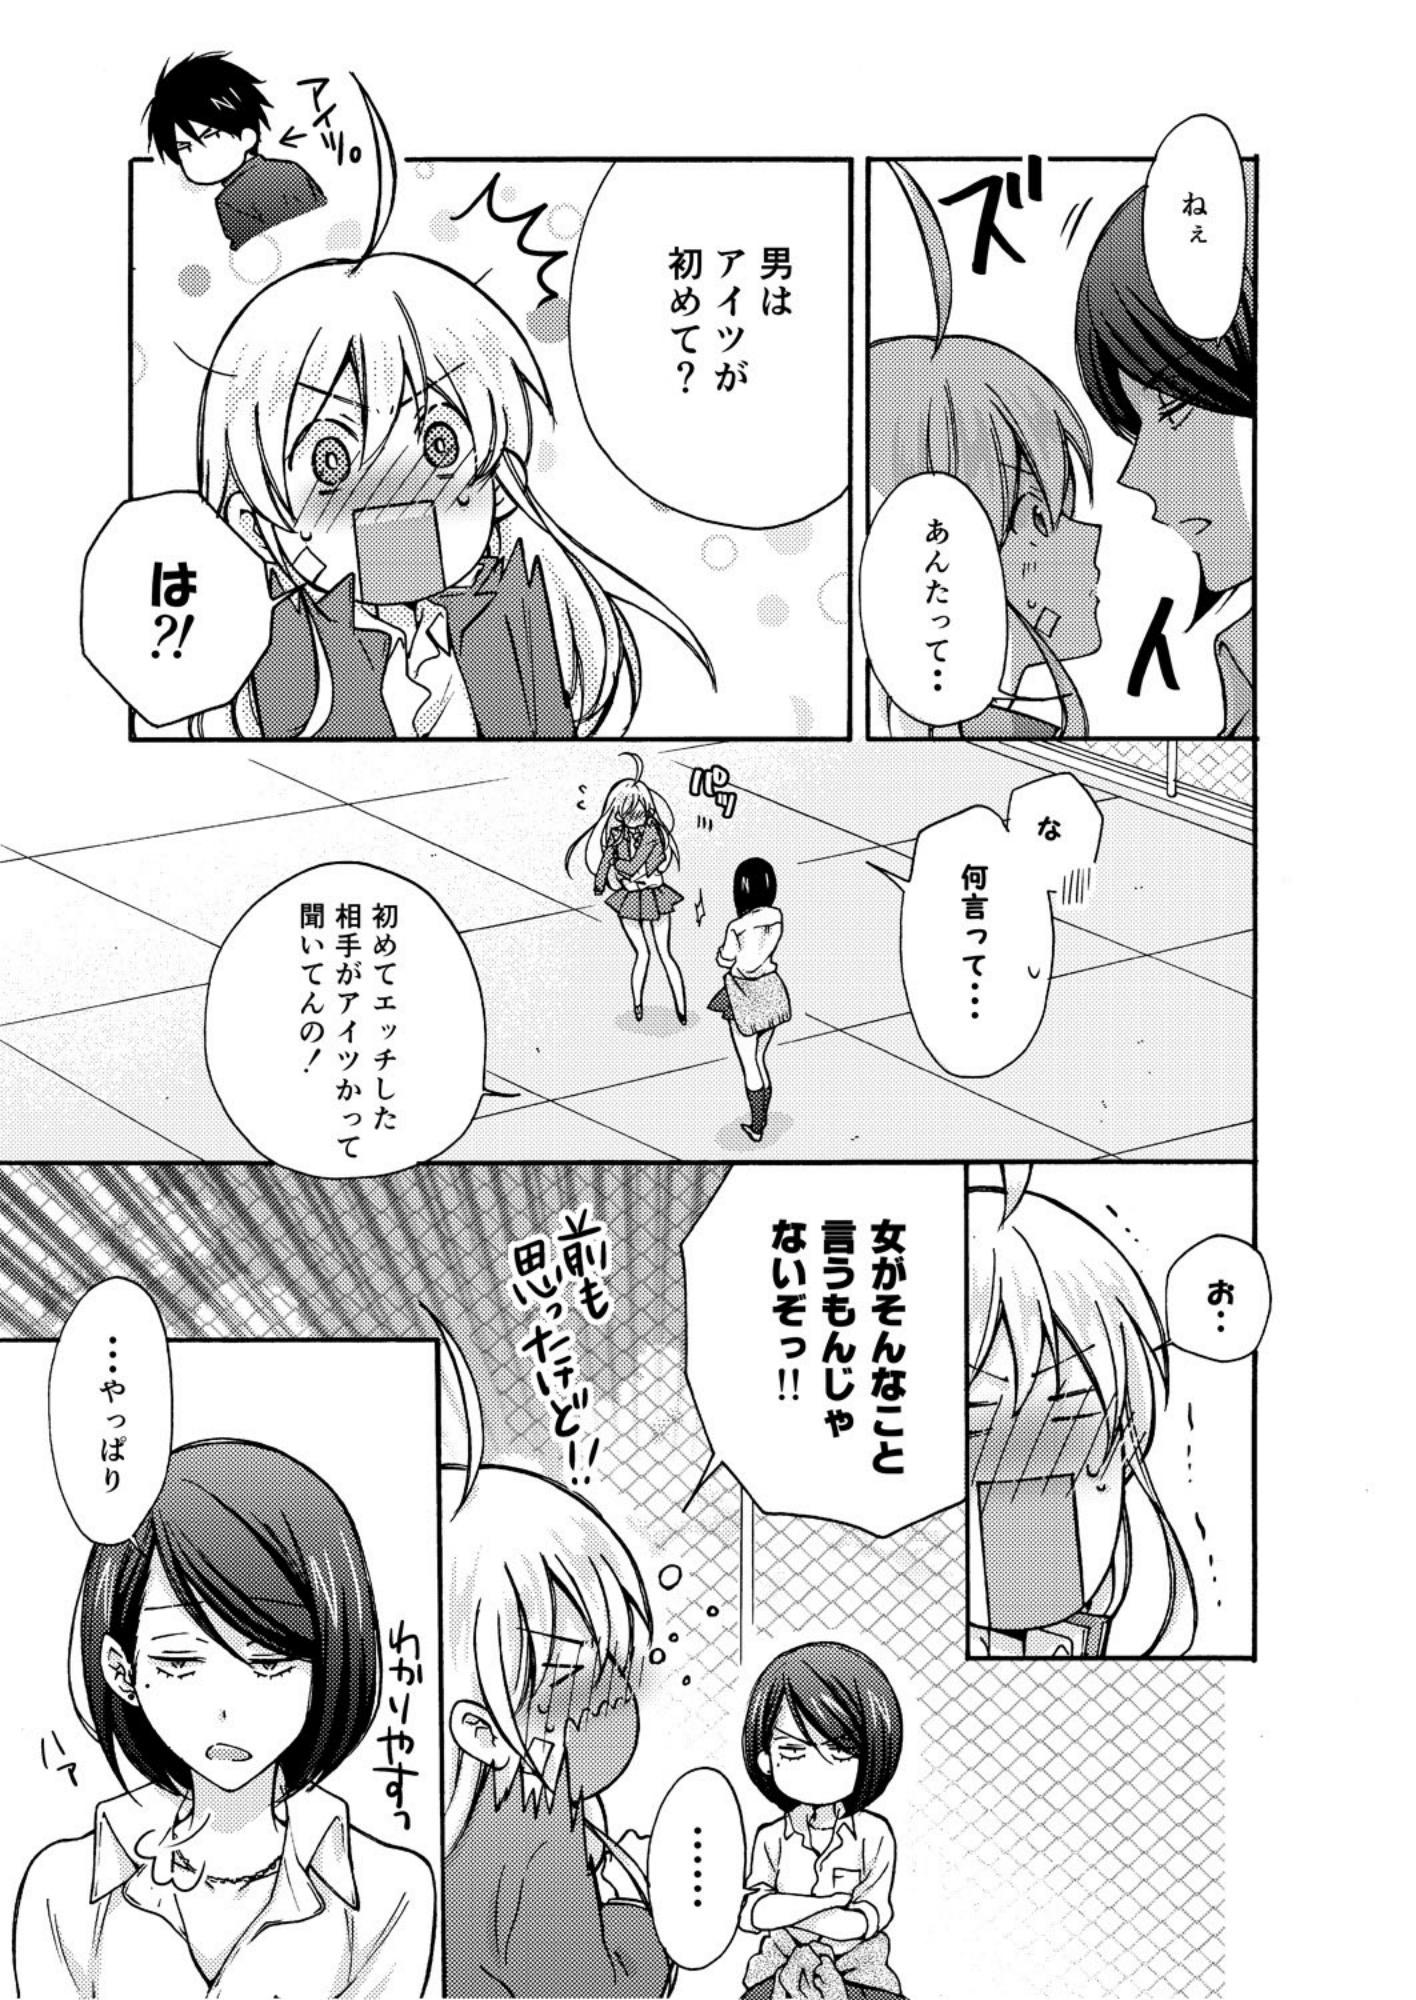 Nyotaika Yankee Gakuen ☆ Ore no Hajimete, Nerawaretemasu. 5 23